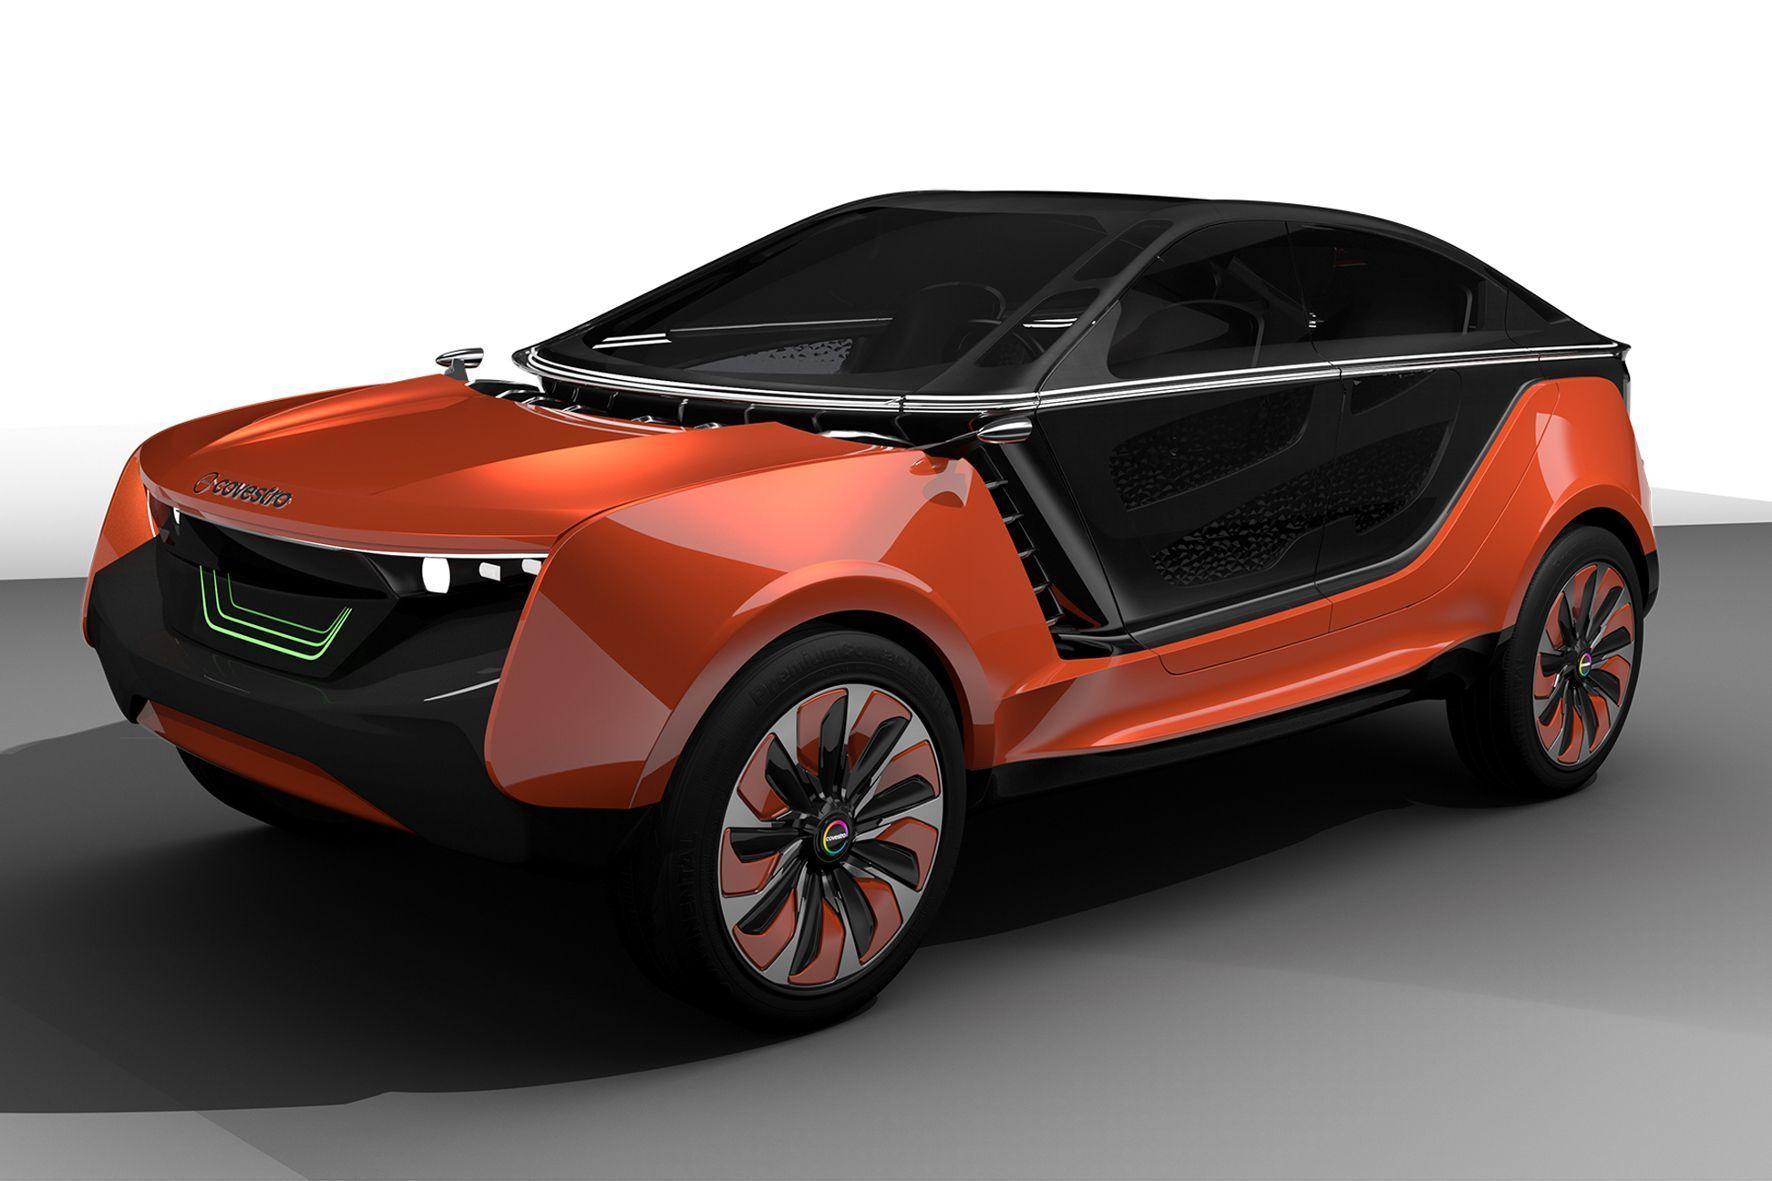 mid Groß-Gerau - Covestro zeigt auf dem VDI-Kongress ein Konzept für die Fahrzeuggestaltung mit neuen Kunststoff-Technologien.